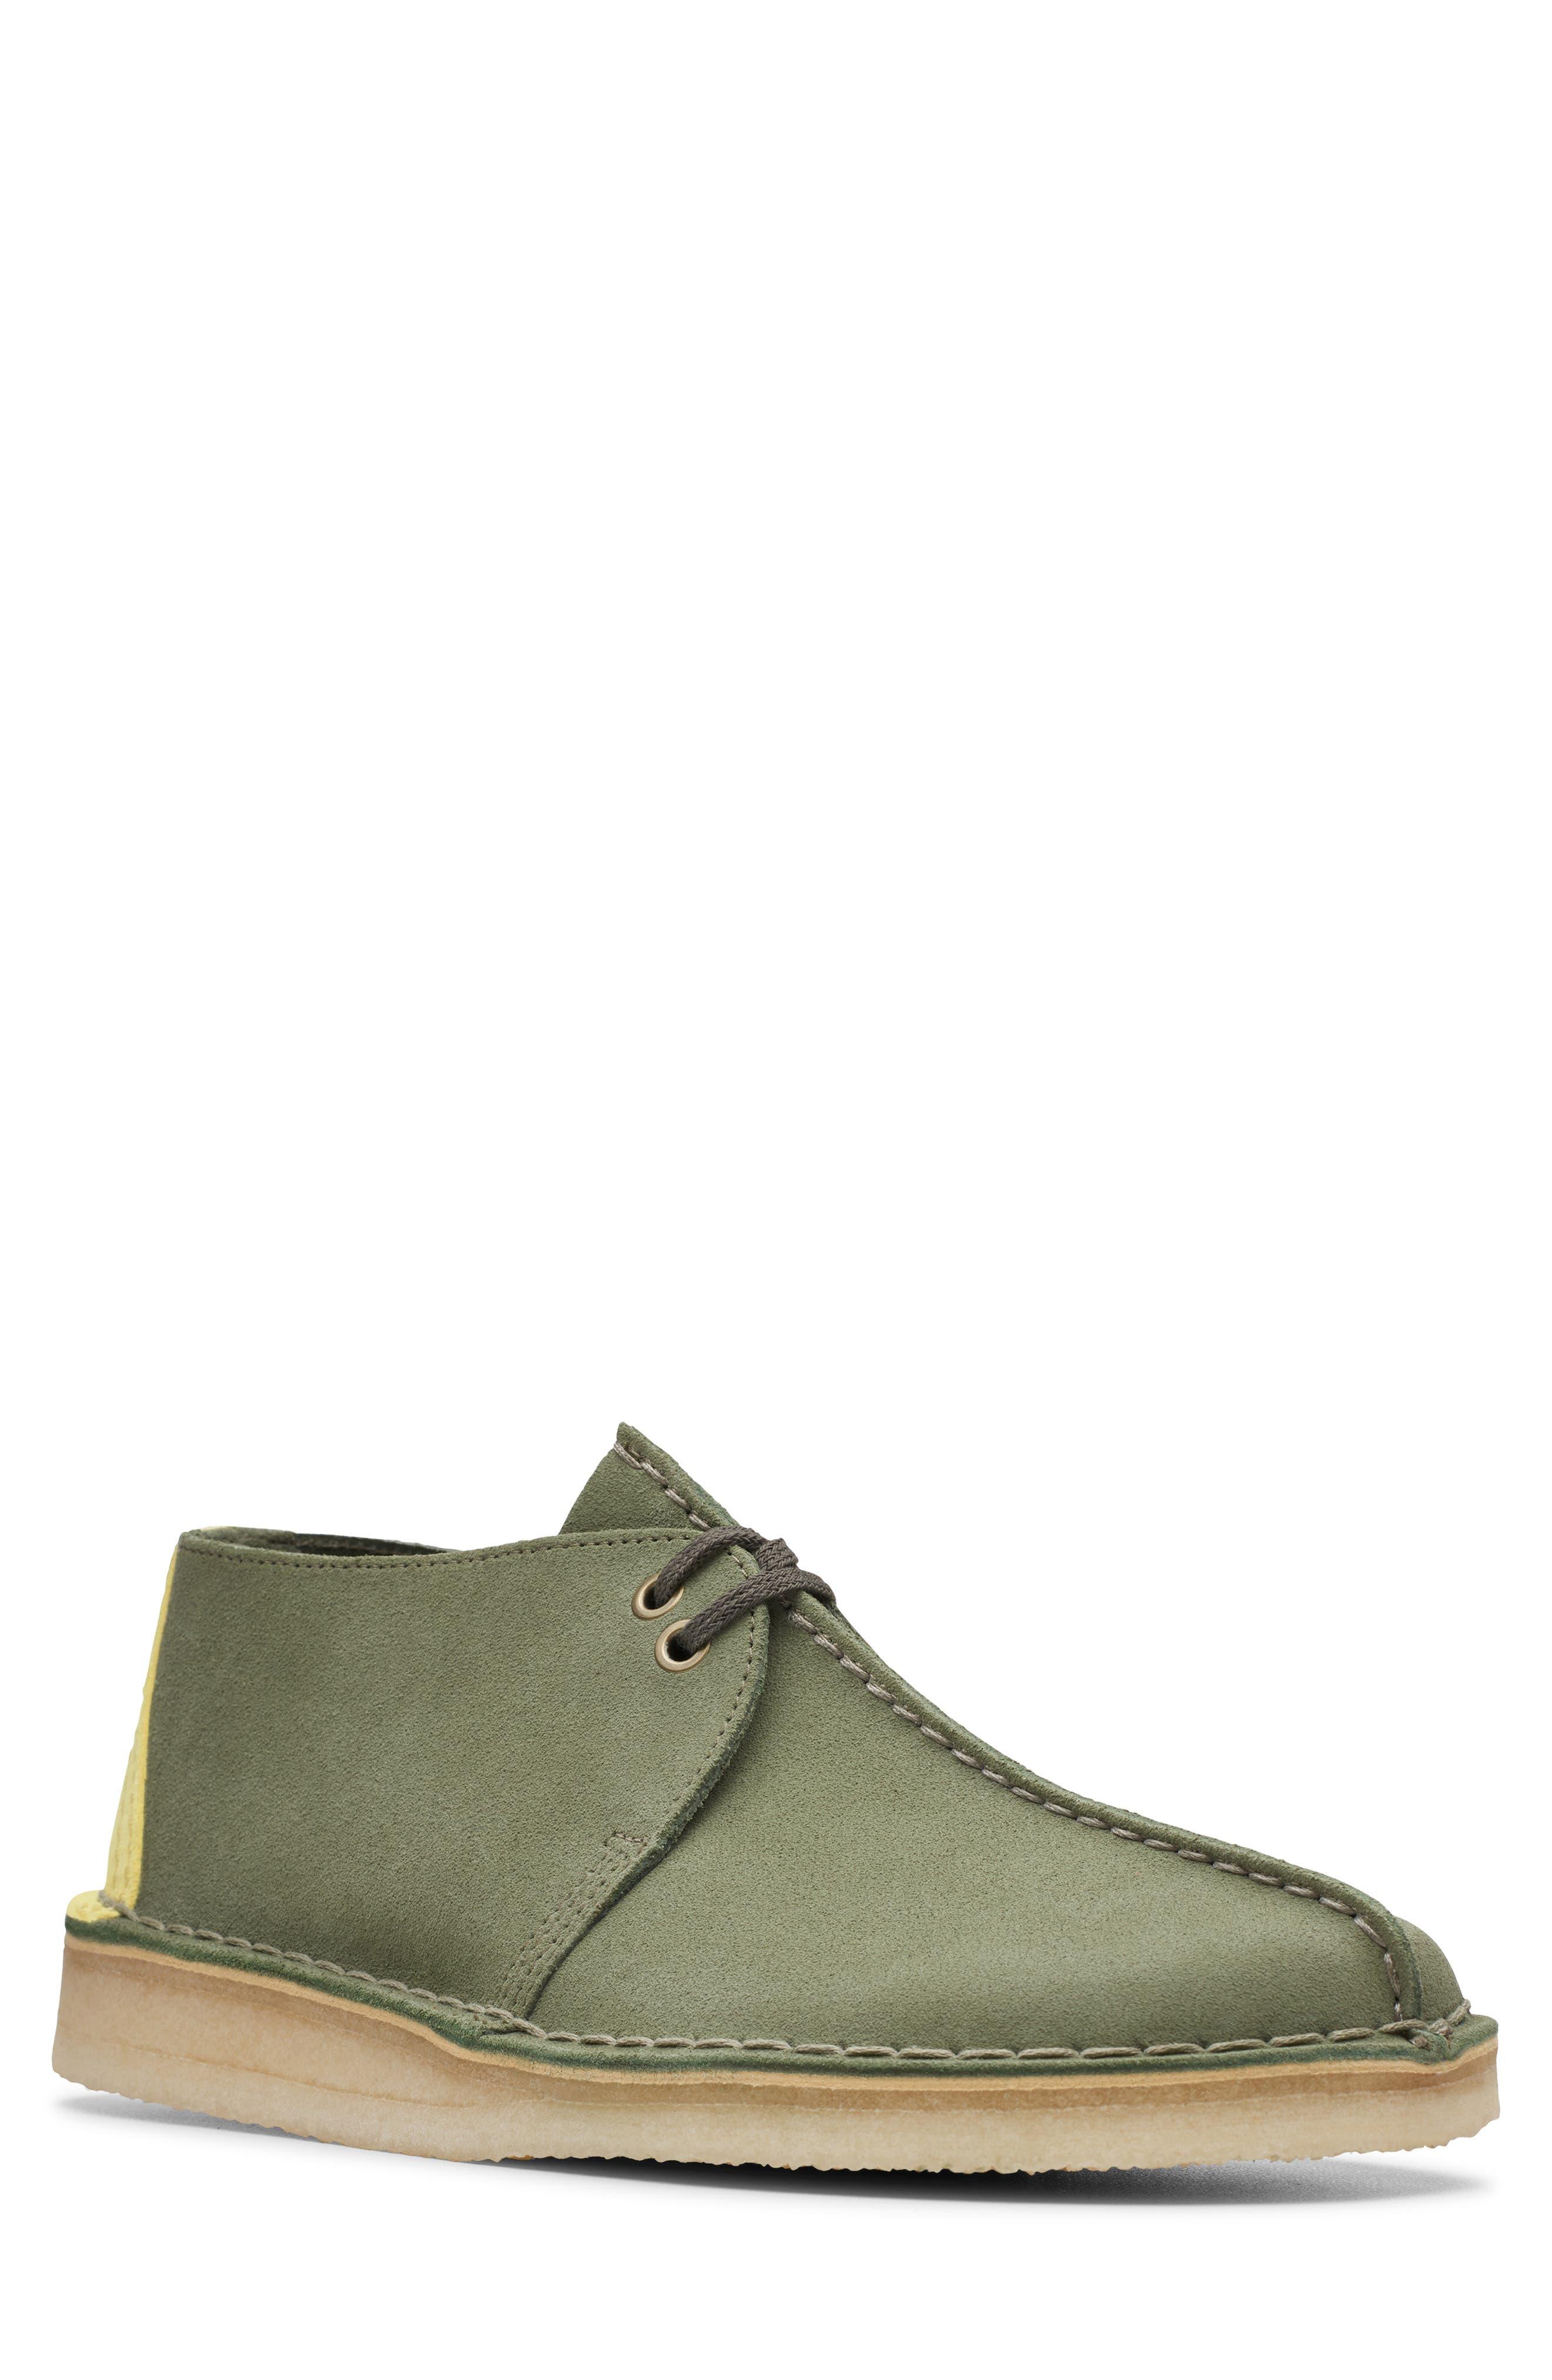 Clarks Desert Trek Chukka Boot- Green